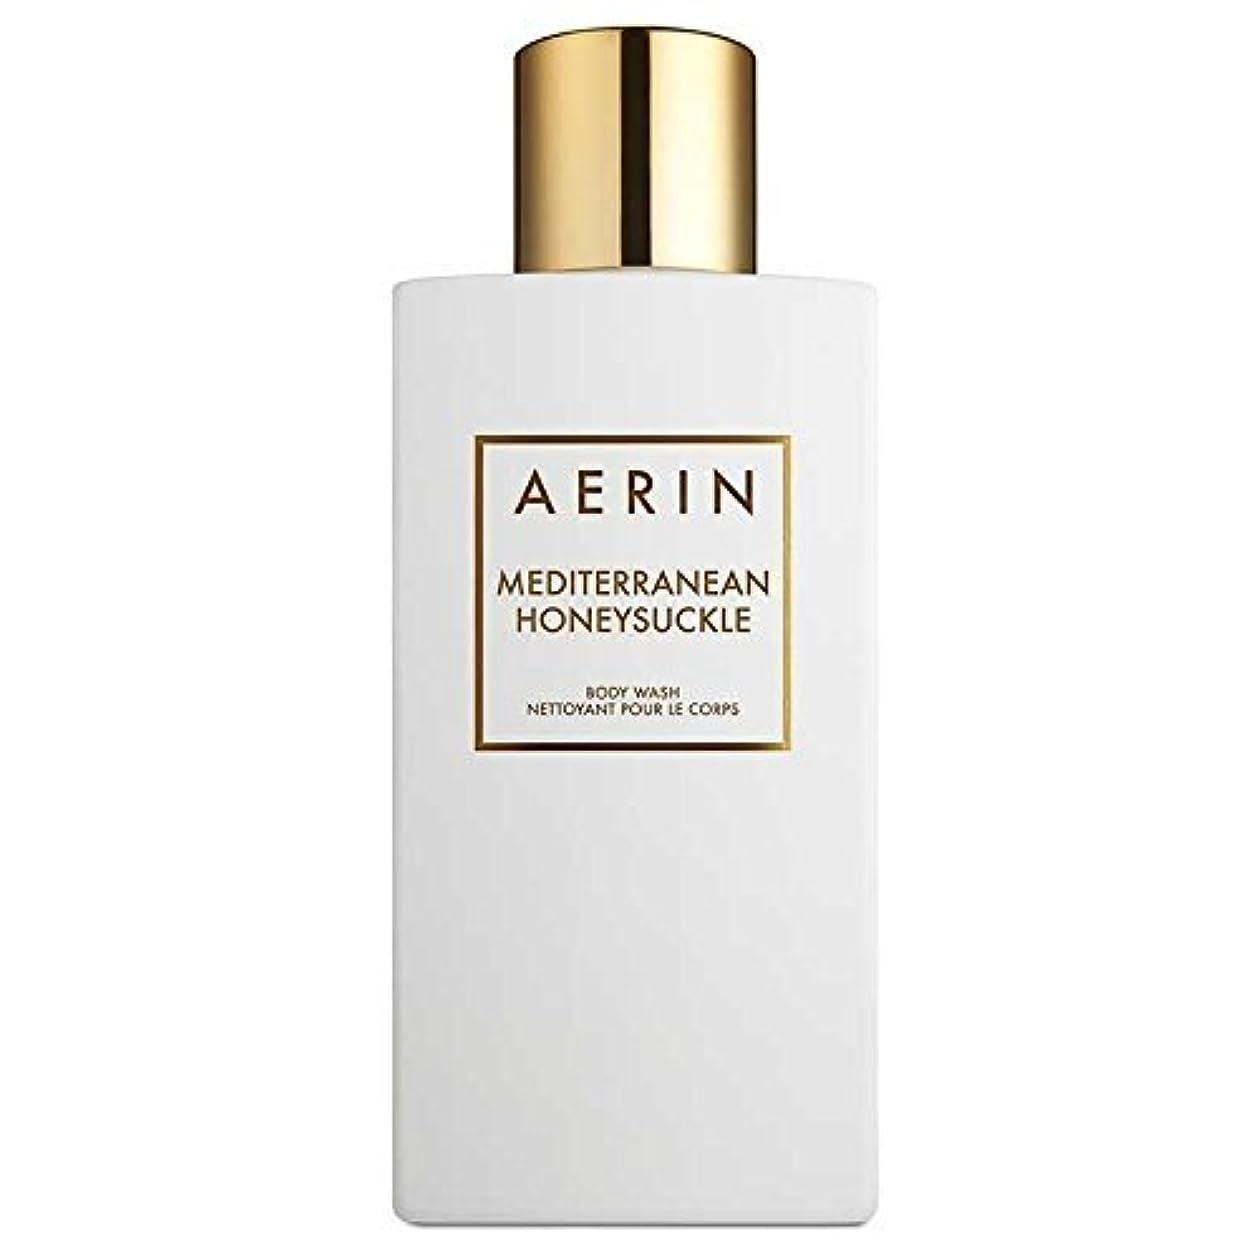 誓い望遠鏡表現AERIN Mediterranean Honeysuckle (アエリン メディタレーニアン ハニーサックル) 7.6 oz (228ml) Body Wash ボディーウオッシュ by Estee Lauder for Women